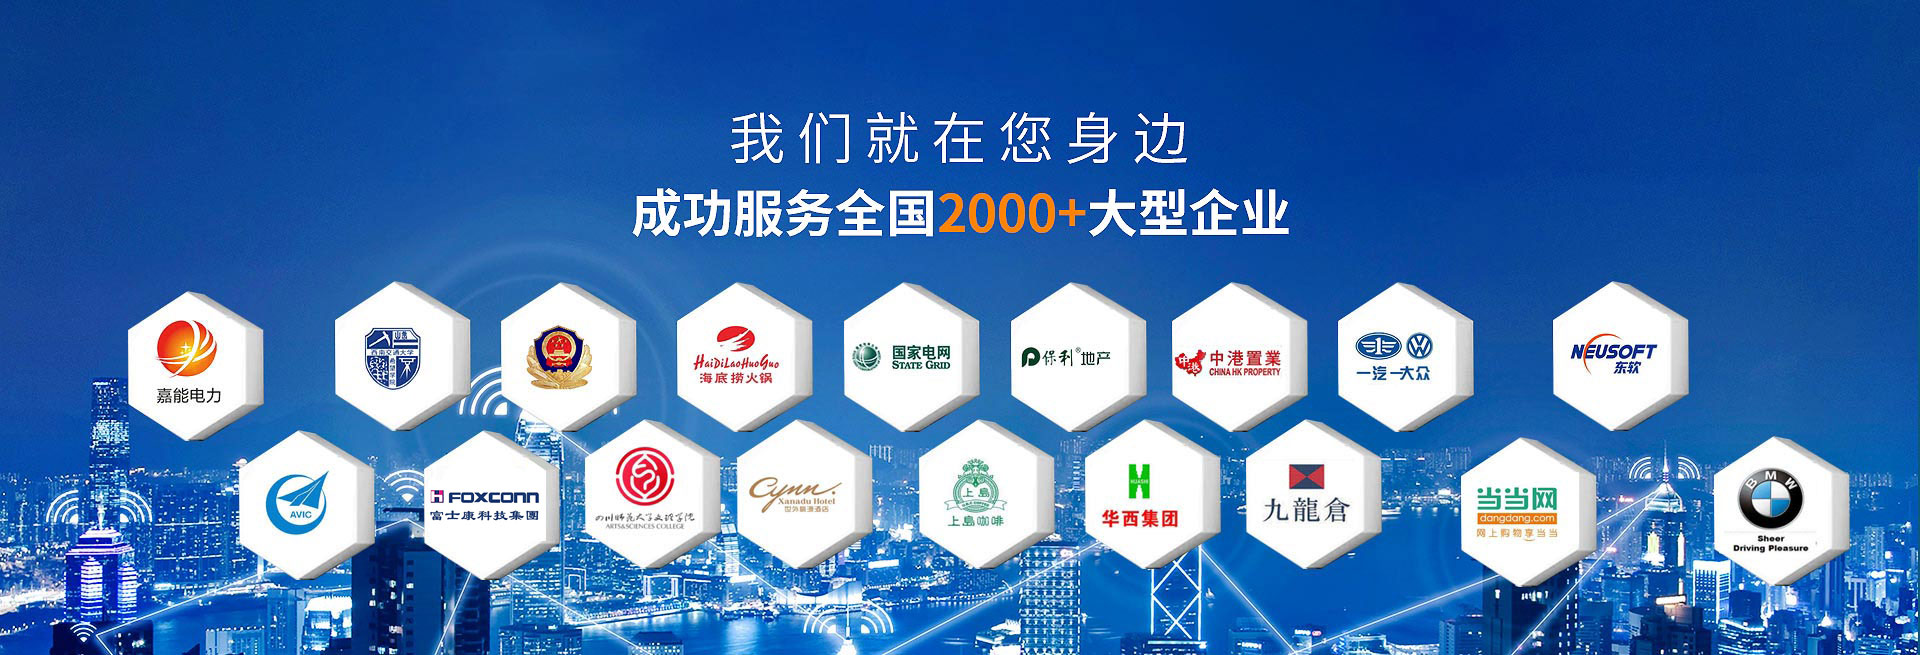 欣荣泰-我们就在您身边,成功服务全国2000+大型企业